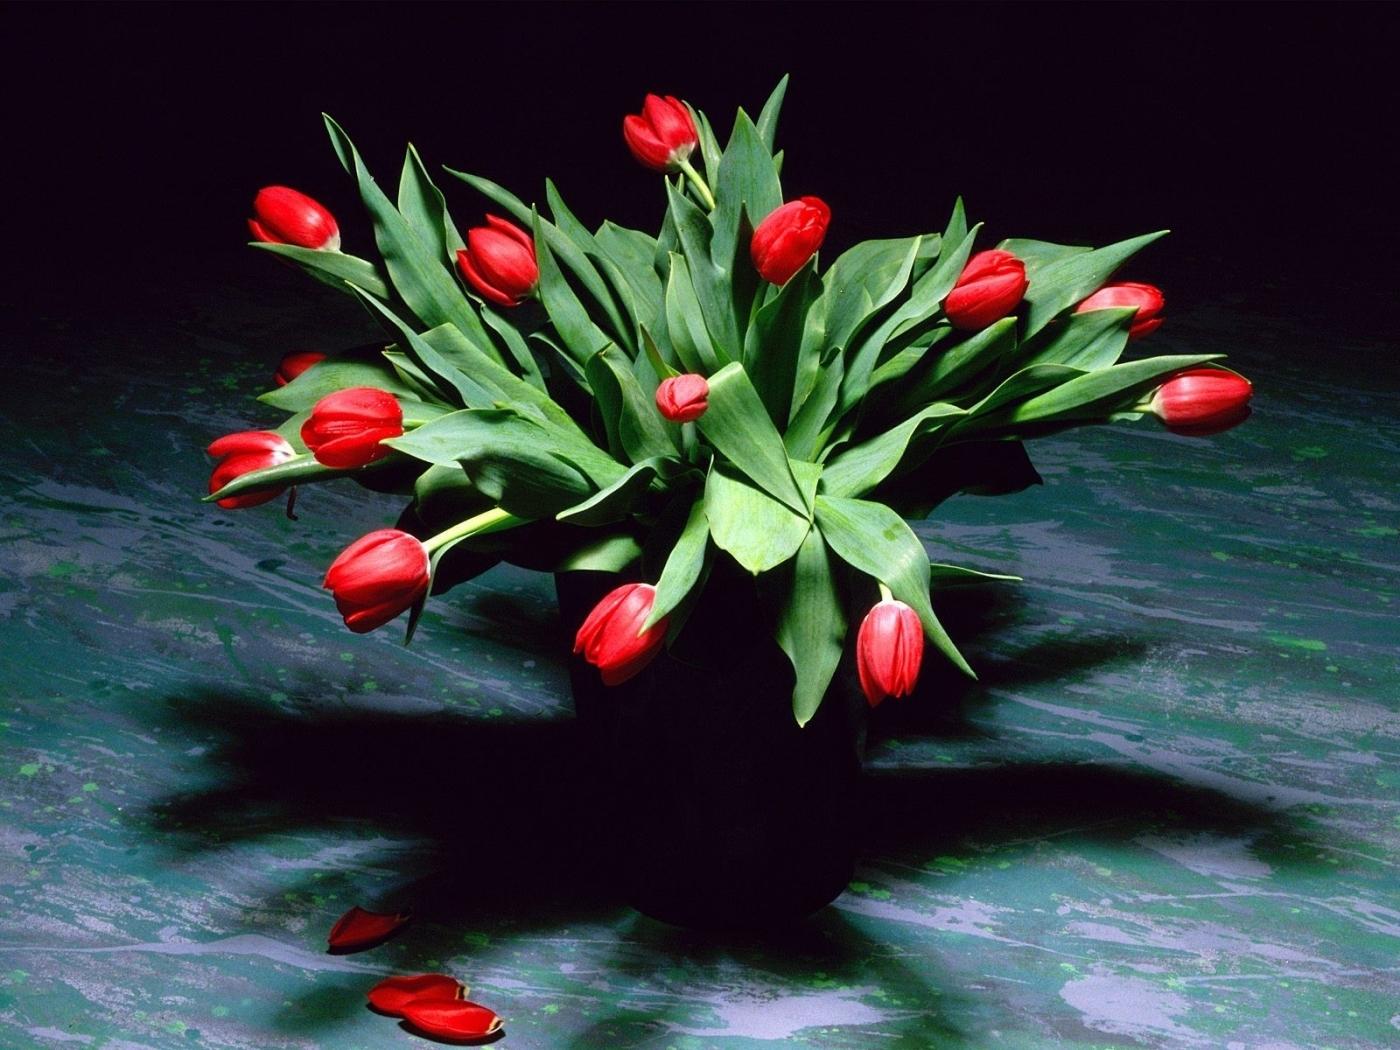 27630 скачать обои Растения, Цветы, Тюльпаны, Букеты - заставки и картинки бесплатно